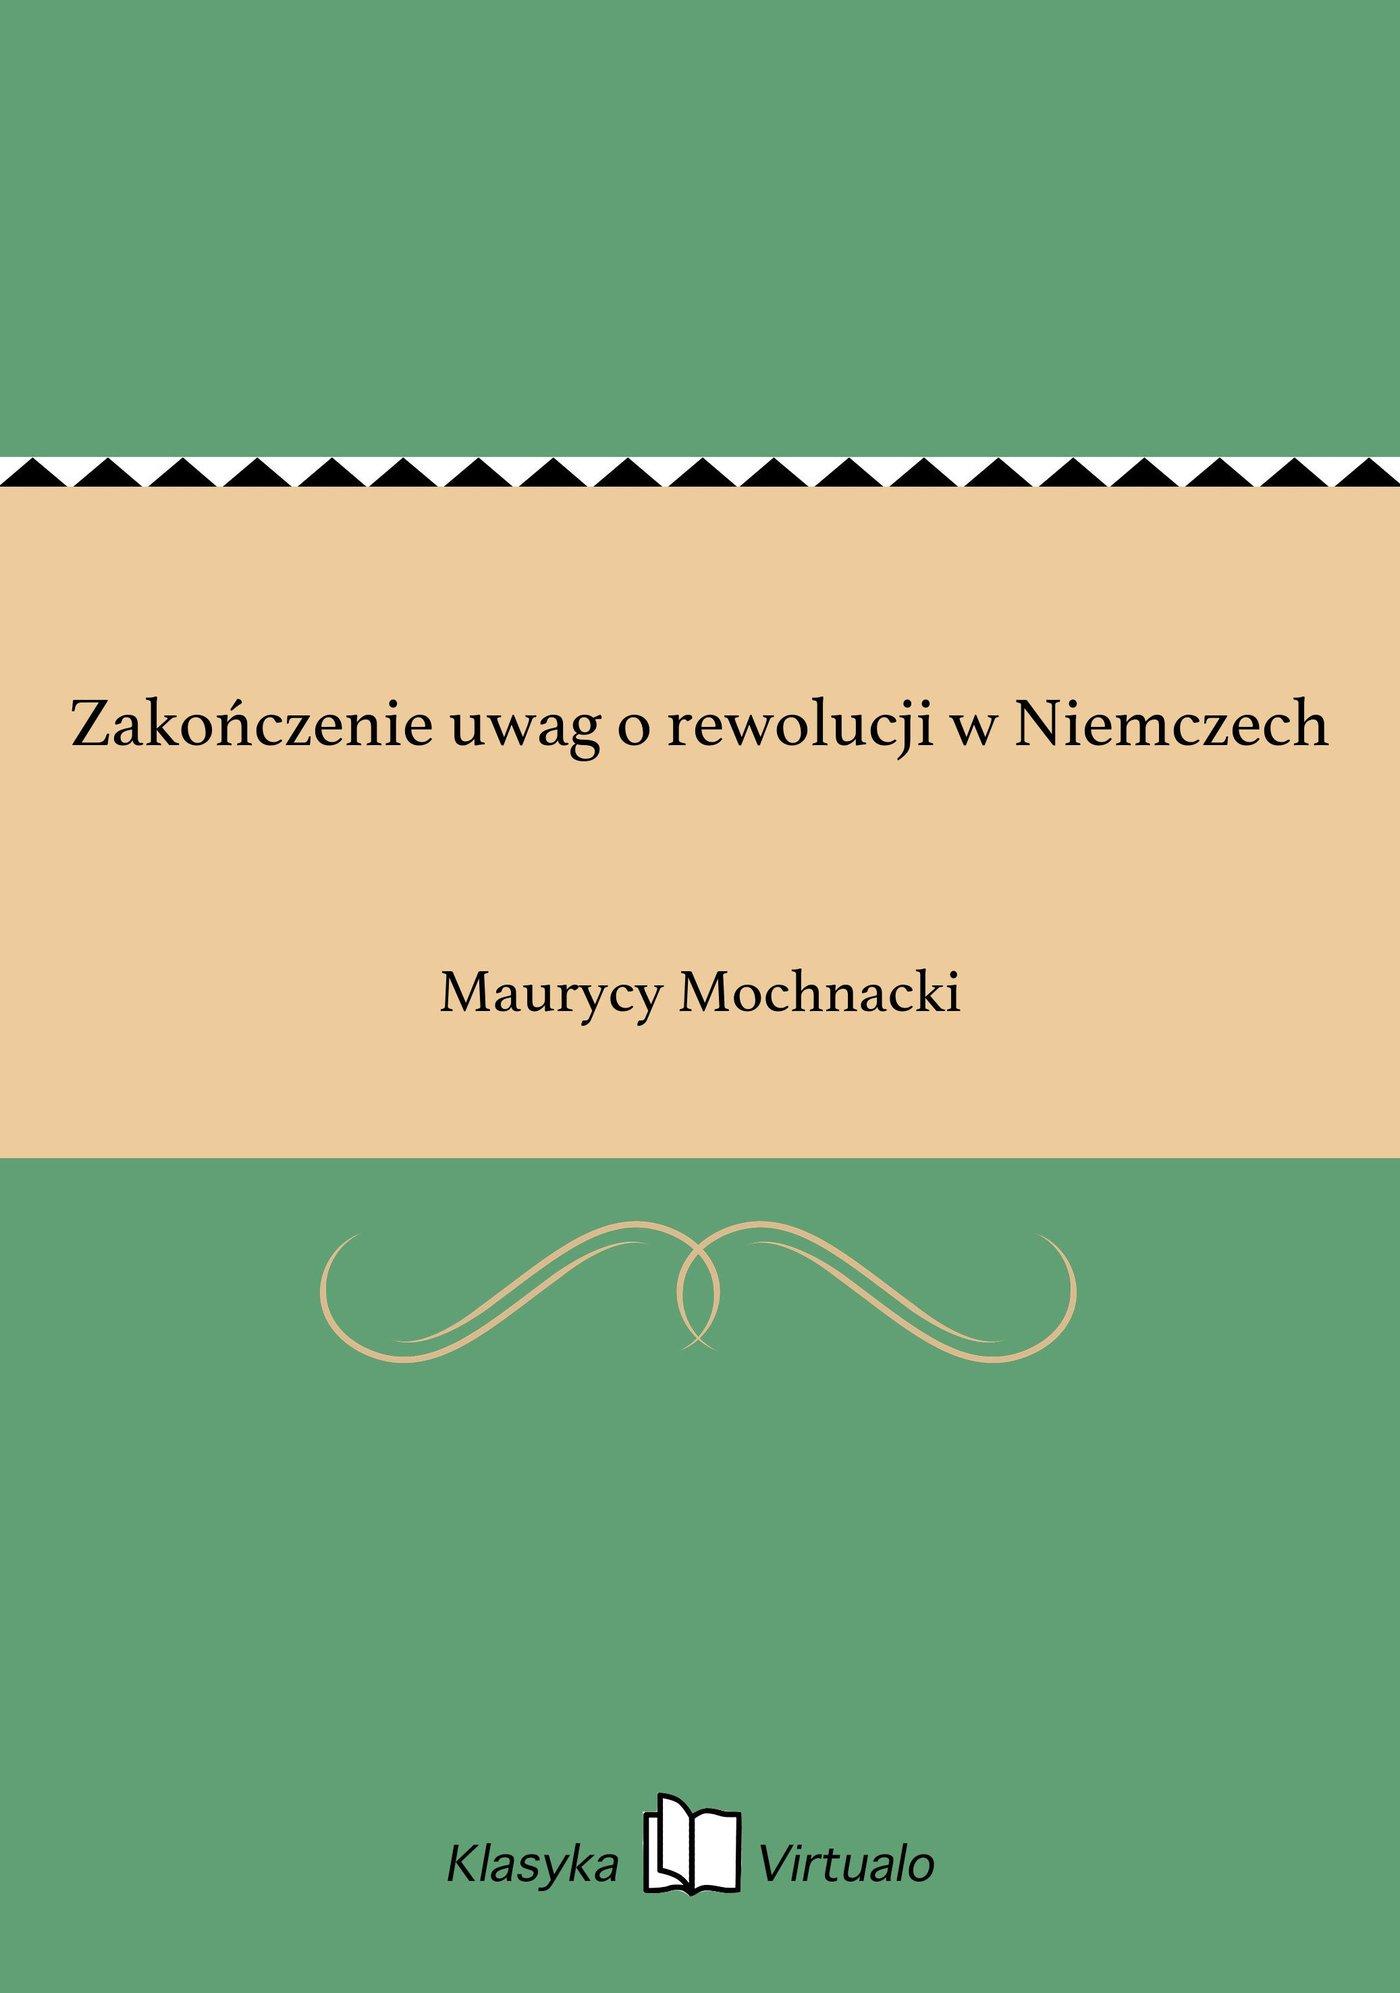 Zakończenie uwag o rewolucji w Niemczech - Ebook (Książka EPUB) do pobrania w formacie EPUB